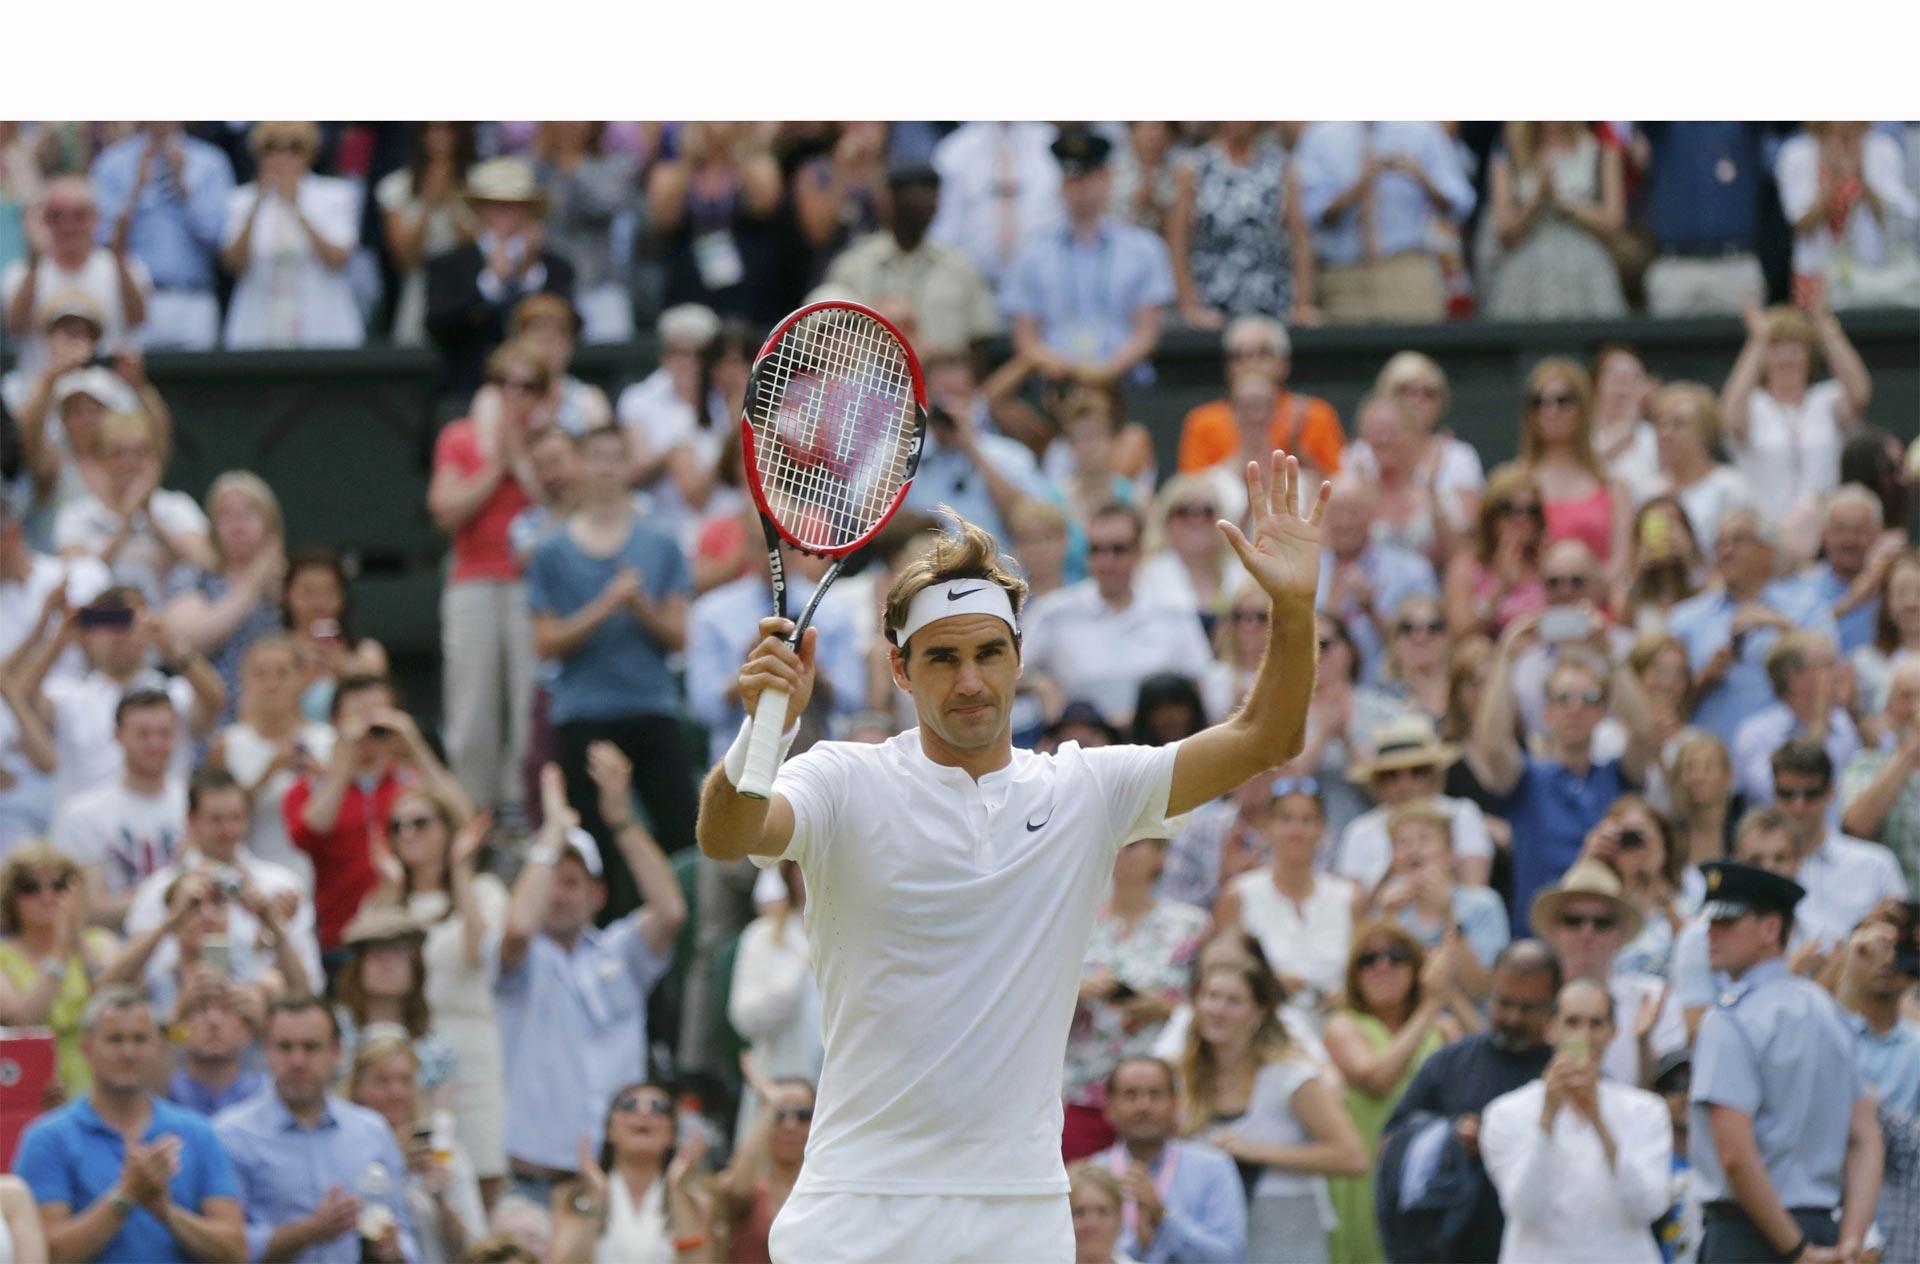 La final de Wimbledon enfrentará al número uno y dos del tenis, Djokovic y Federer